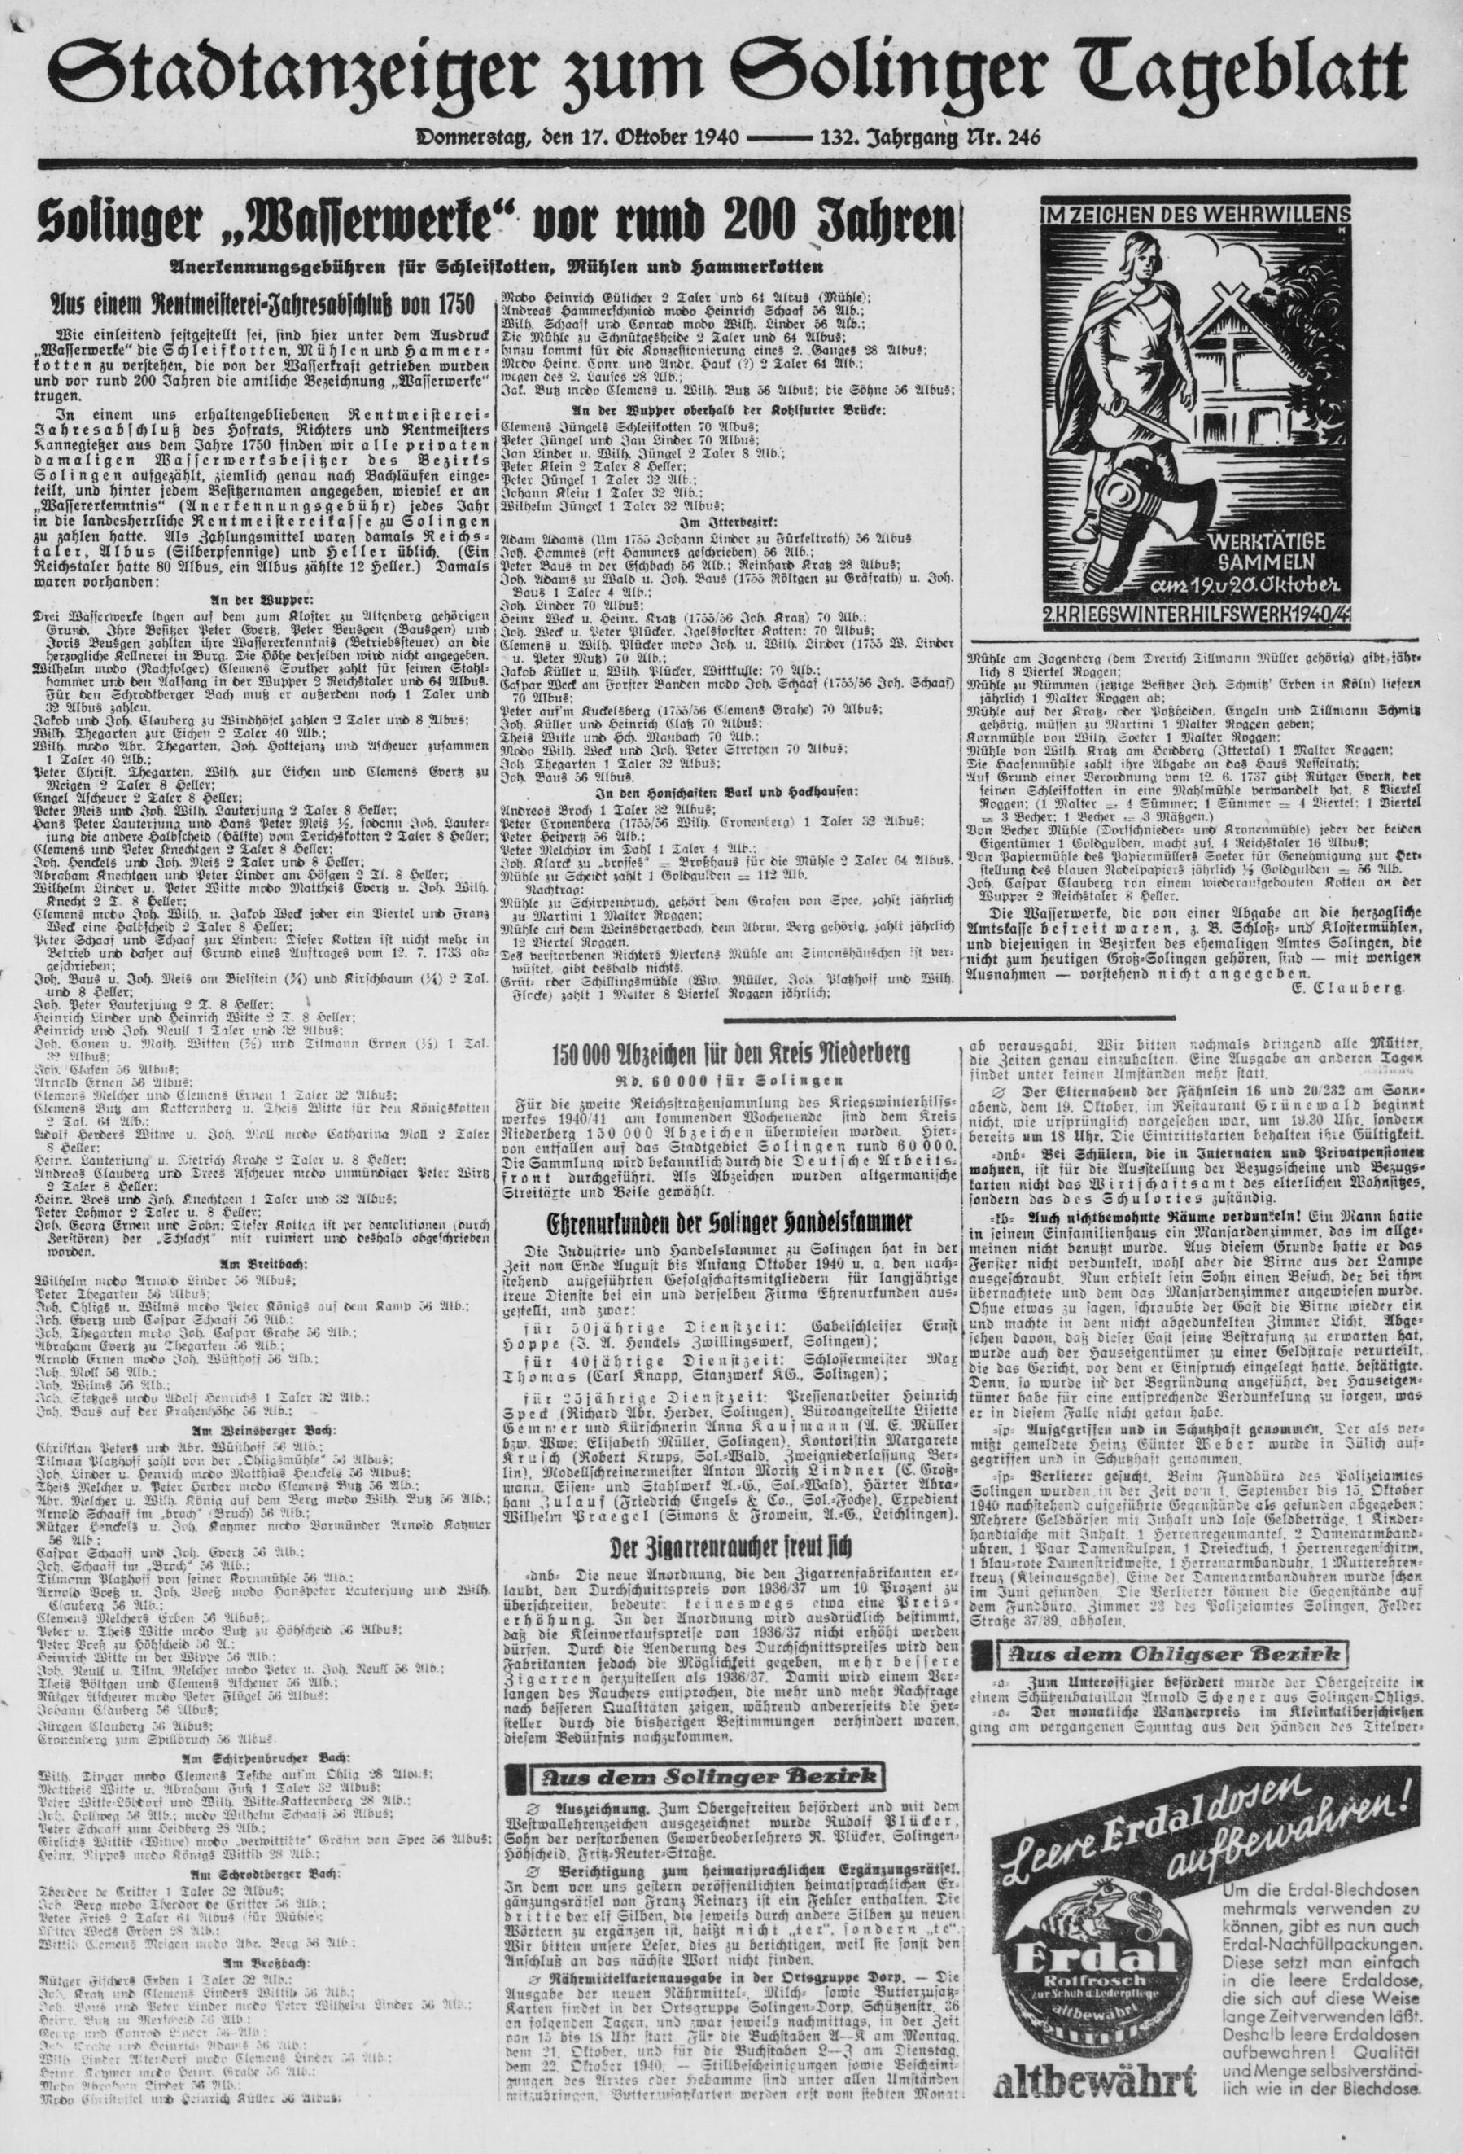 Artikel_1940-10-17_Solinger-Tageblatt_Seite-3